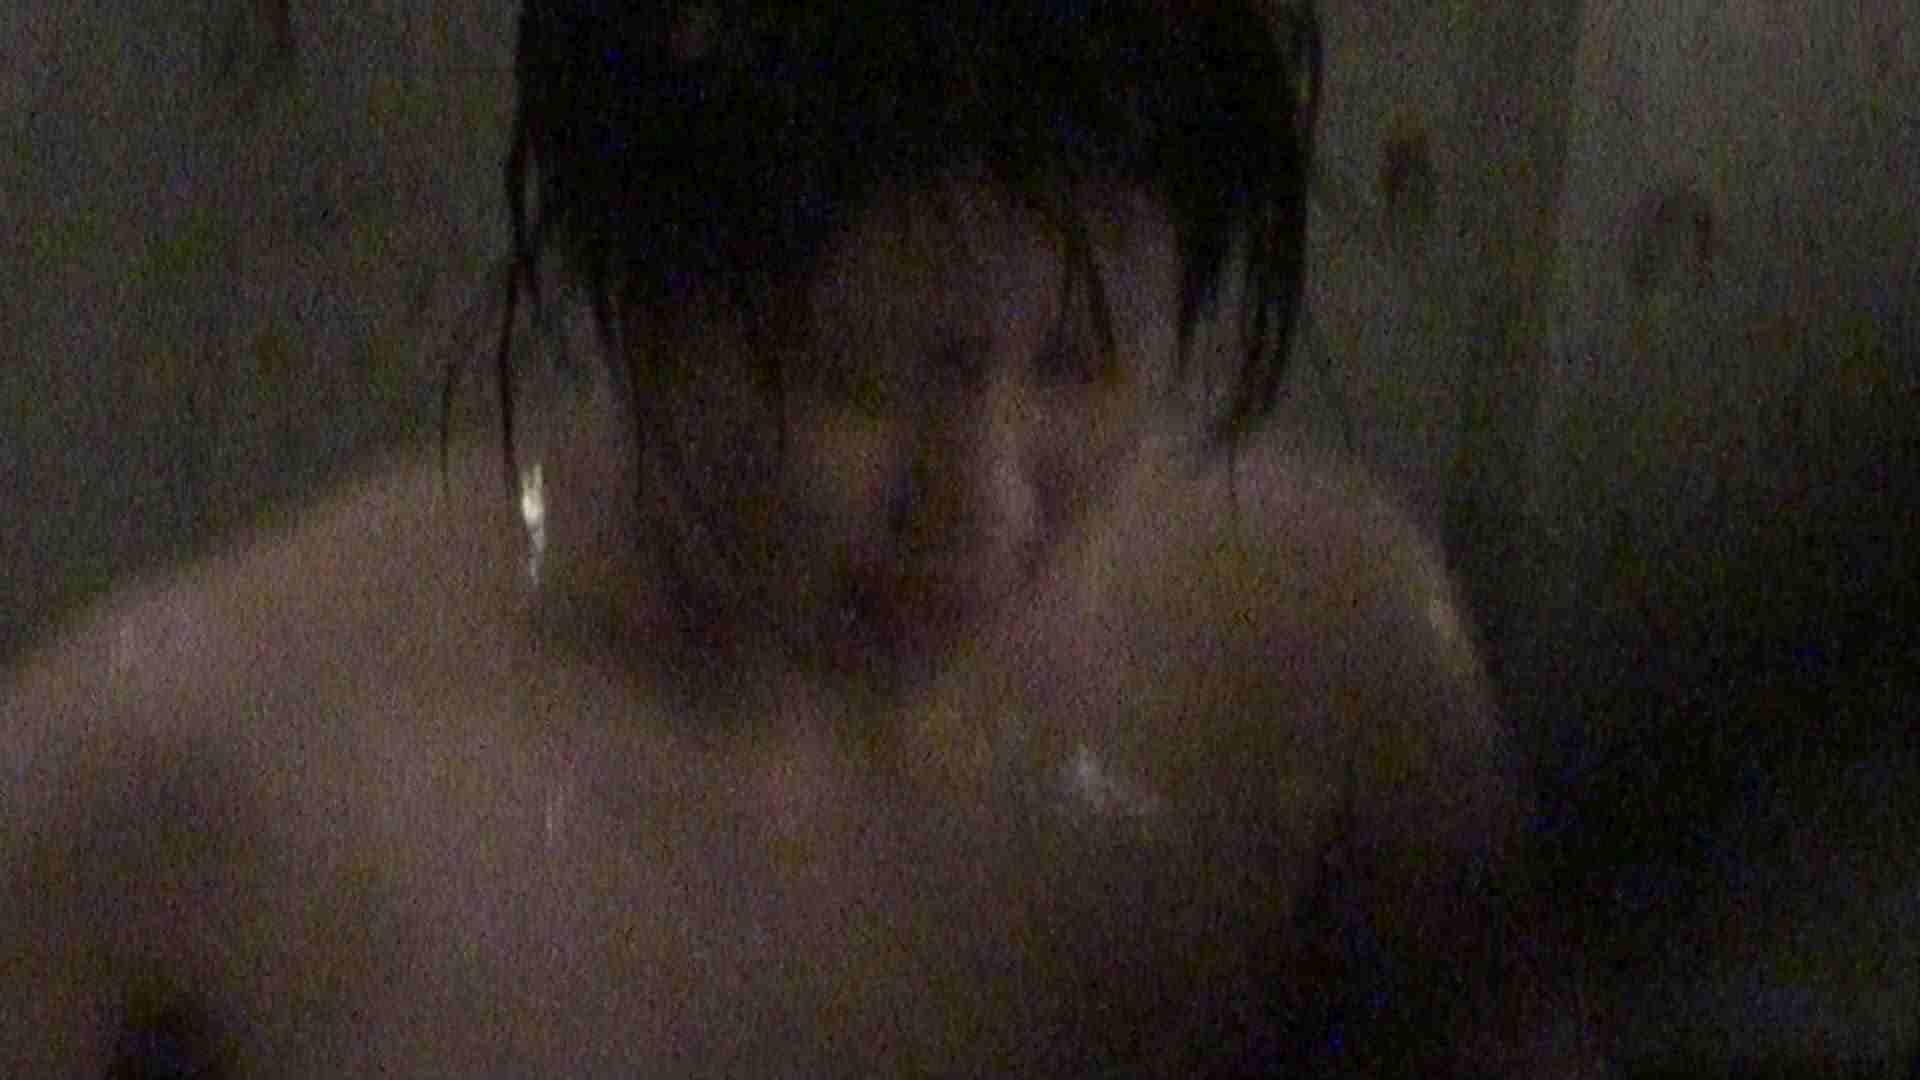 Aquaな露天風呂Vol.389 露天 セックス画像 84画像 65